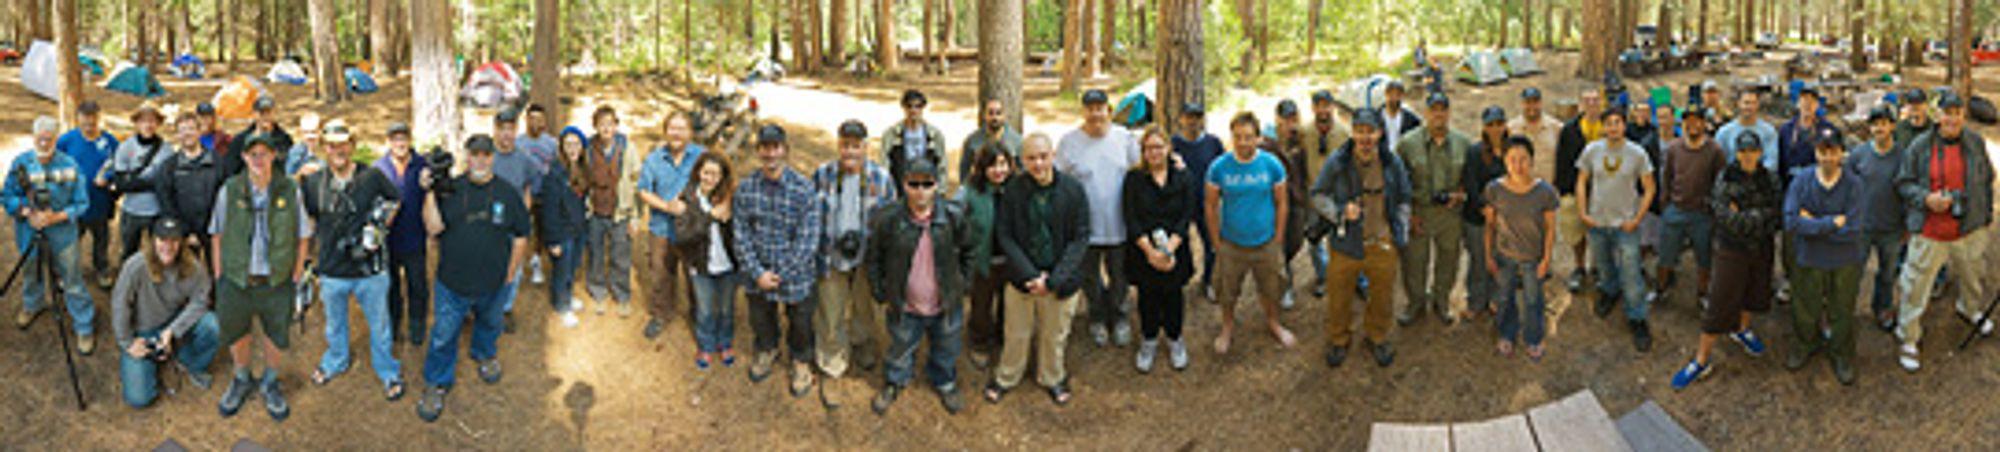 xRez Studios: Fotografer og frivillige fra Yosemite Valley.